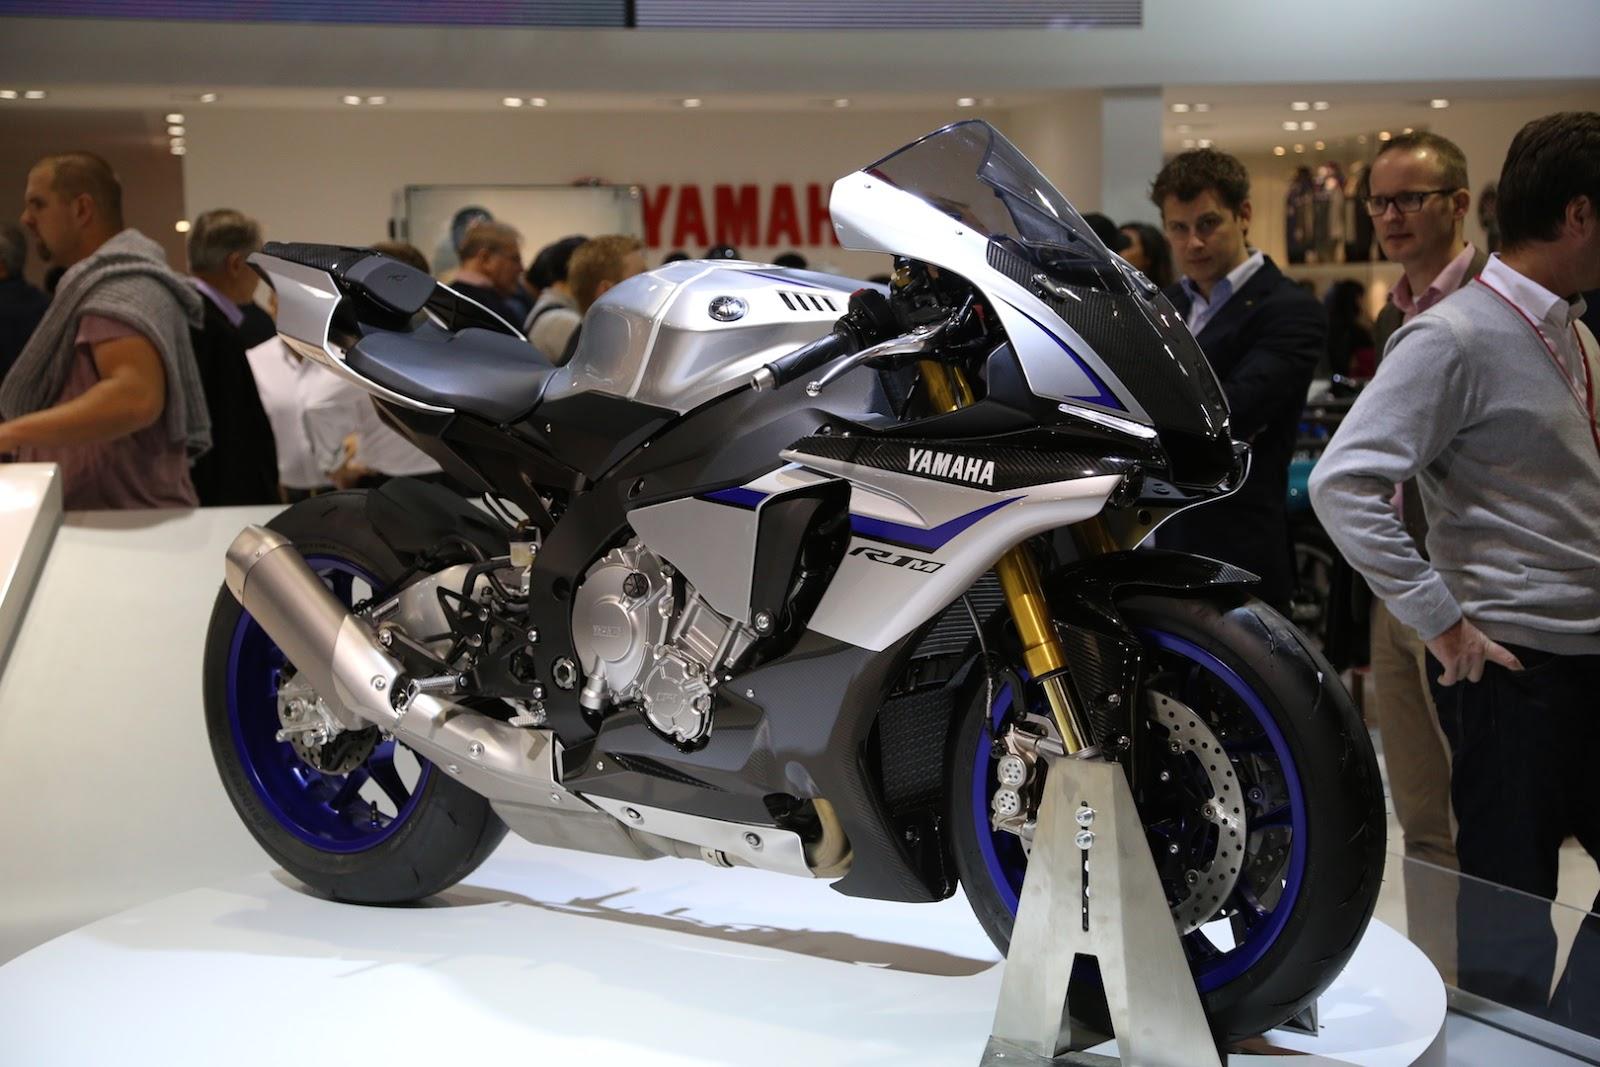 雅马哈yzf-r1m,r1赛道款超跑摩托!